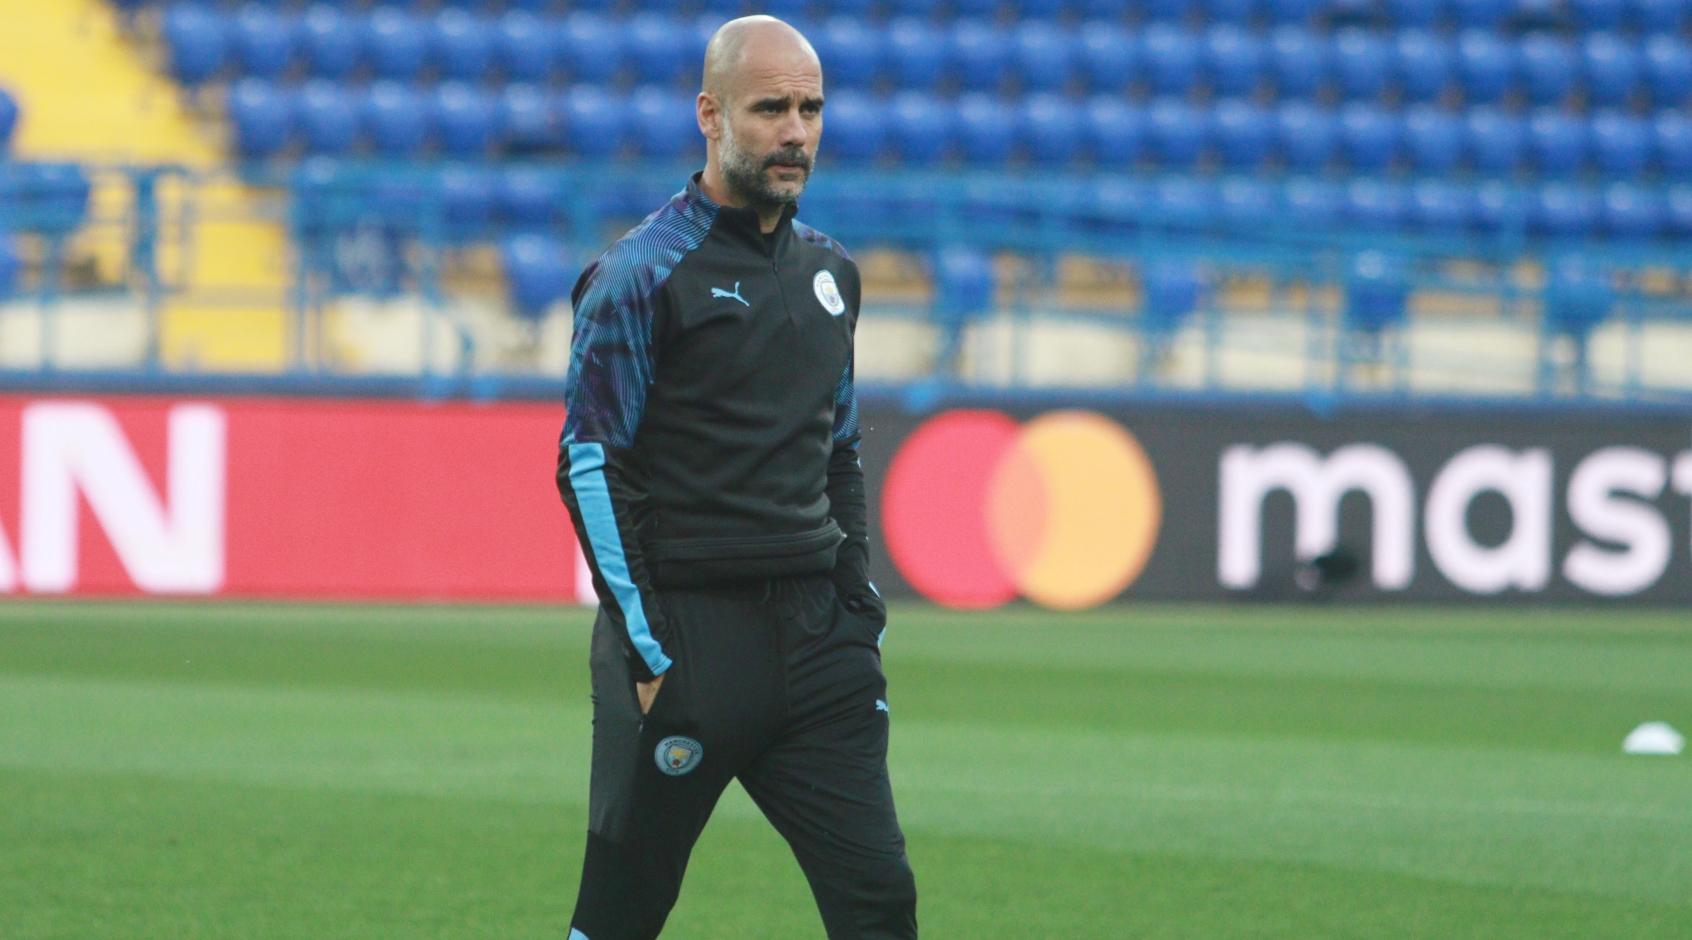 Хосеп Гвардиола сравнялся с Моуриньо по числу побед в Лиге чемпионов - впереди три тренера